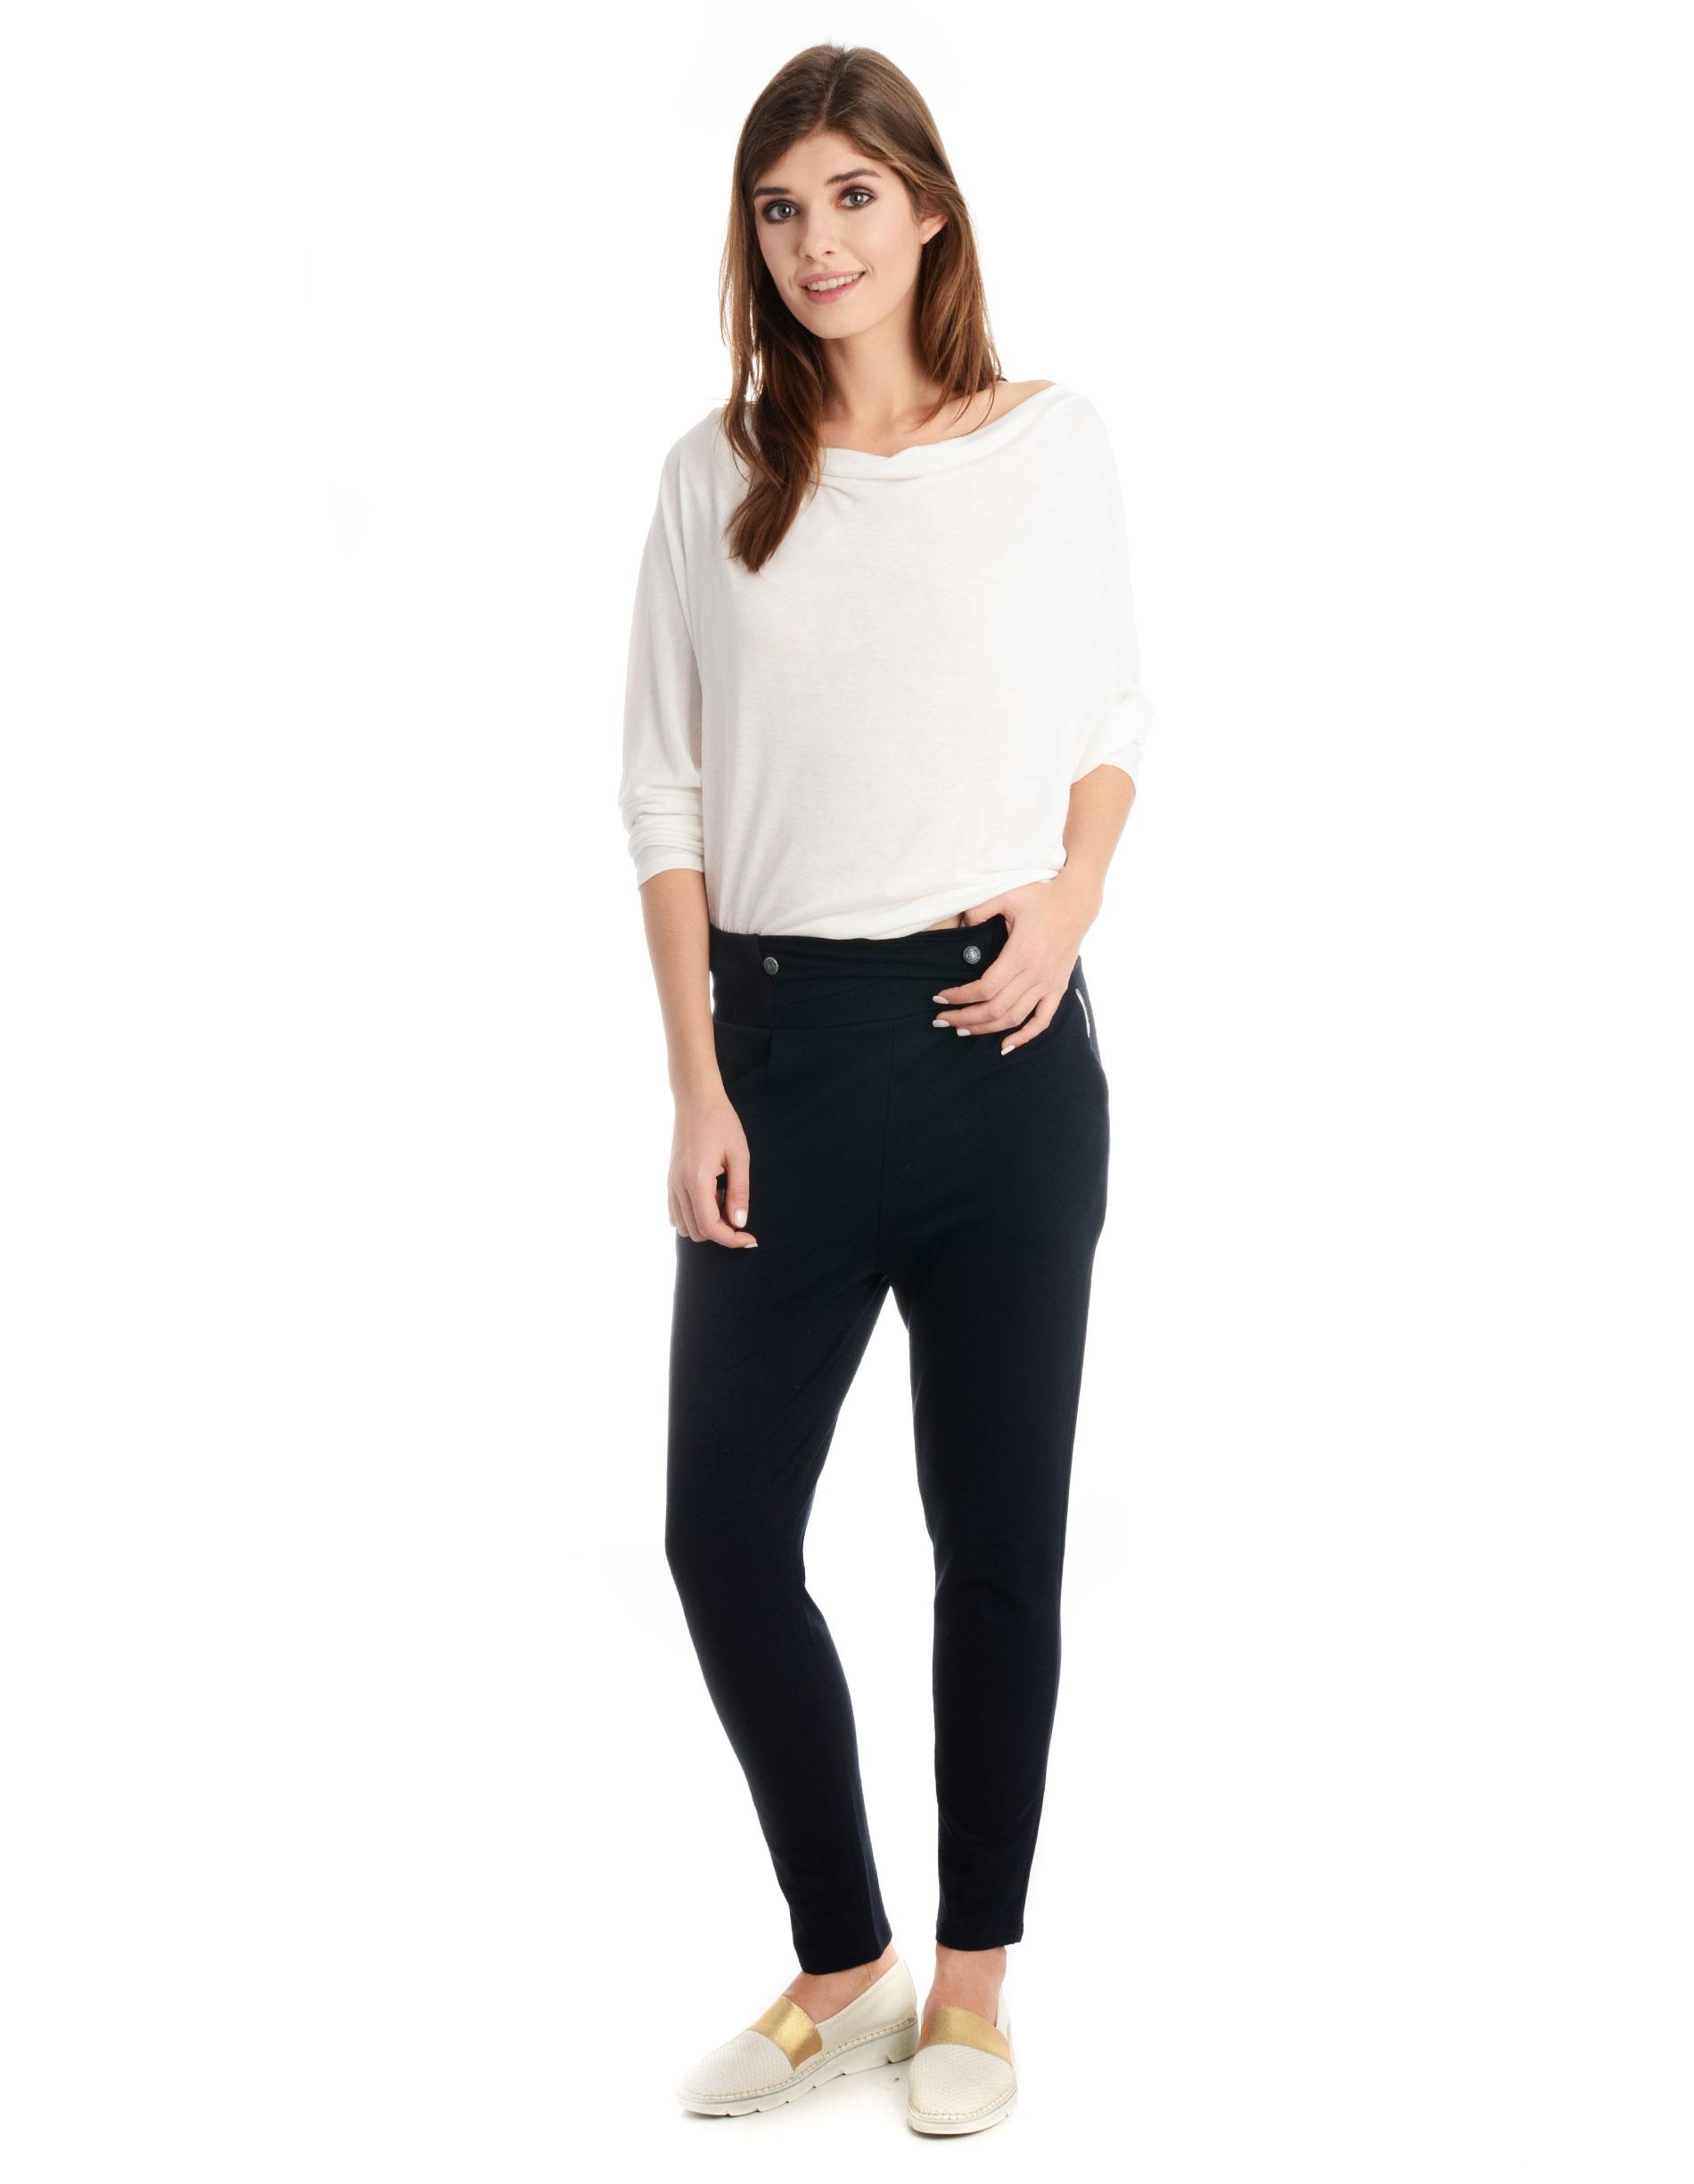 Spodnie - 30-66039 BLSC - Unisono